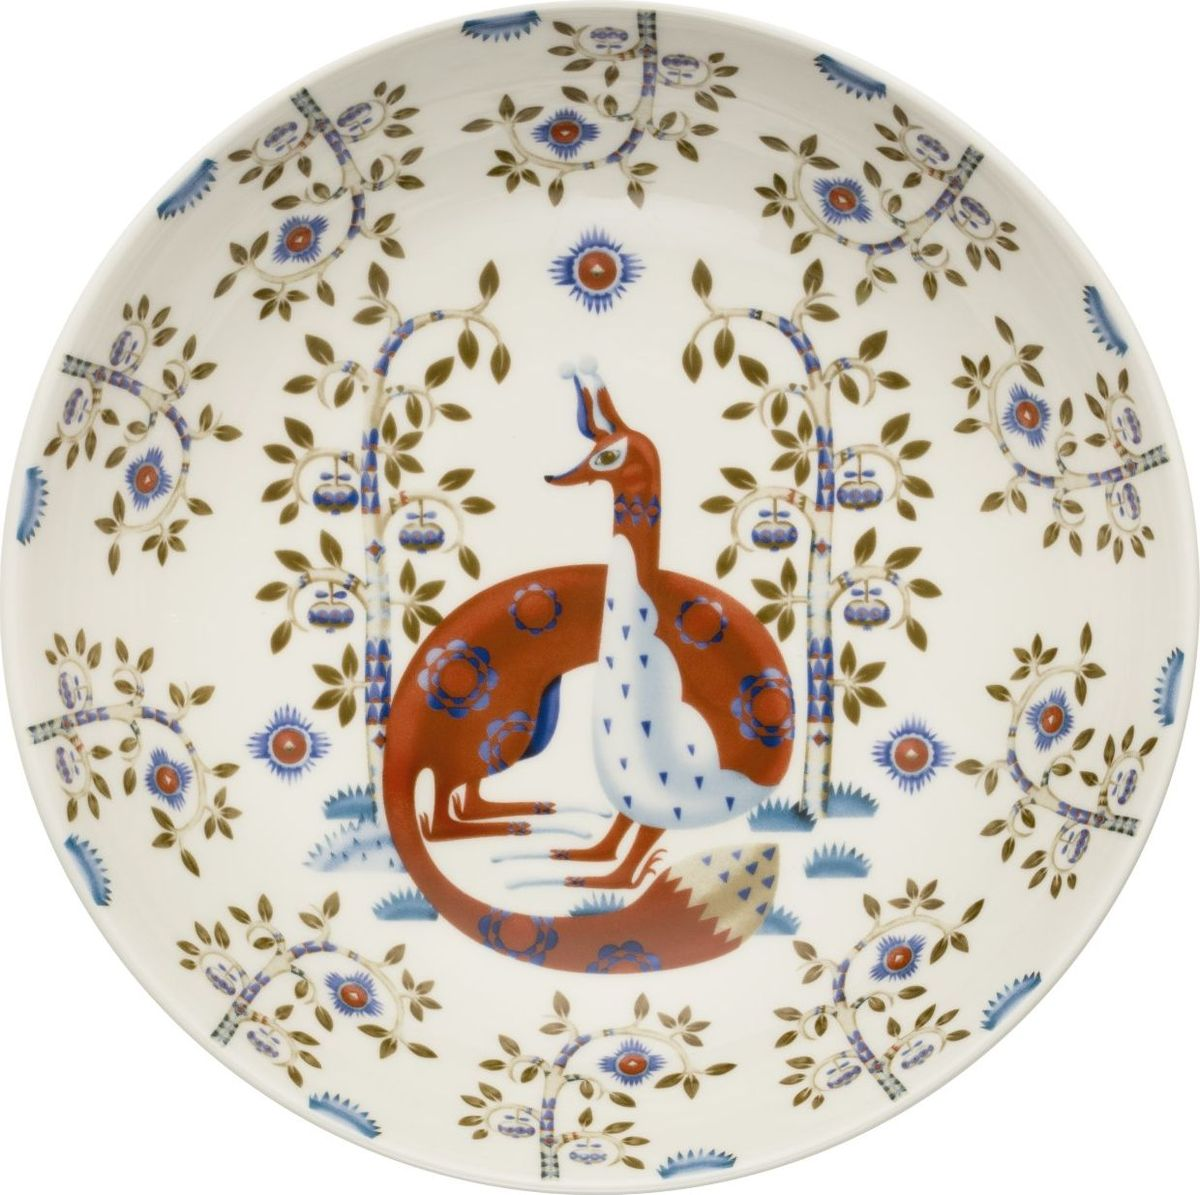 Тарелка глубокая Iittala Taika, цвет: белый, диаметр 22 см1022980На финском языке Taika означает «волшебство». Знаменитый финиский дизайнер и иллюстратор Klaus Haapaniemi хочет, чтобы его иллюстрации дали толчок вашему воображению. В сочетании с другими сериями Iittala, Taika позволяет прикоснуться к миру фантазии, впустить волшебство в нашу повседневную жизнь.